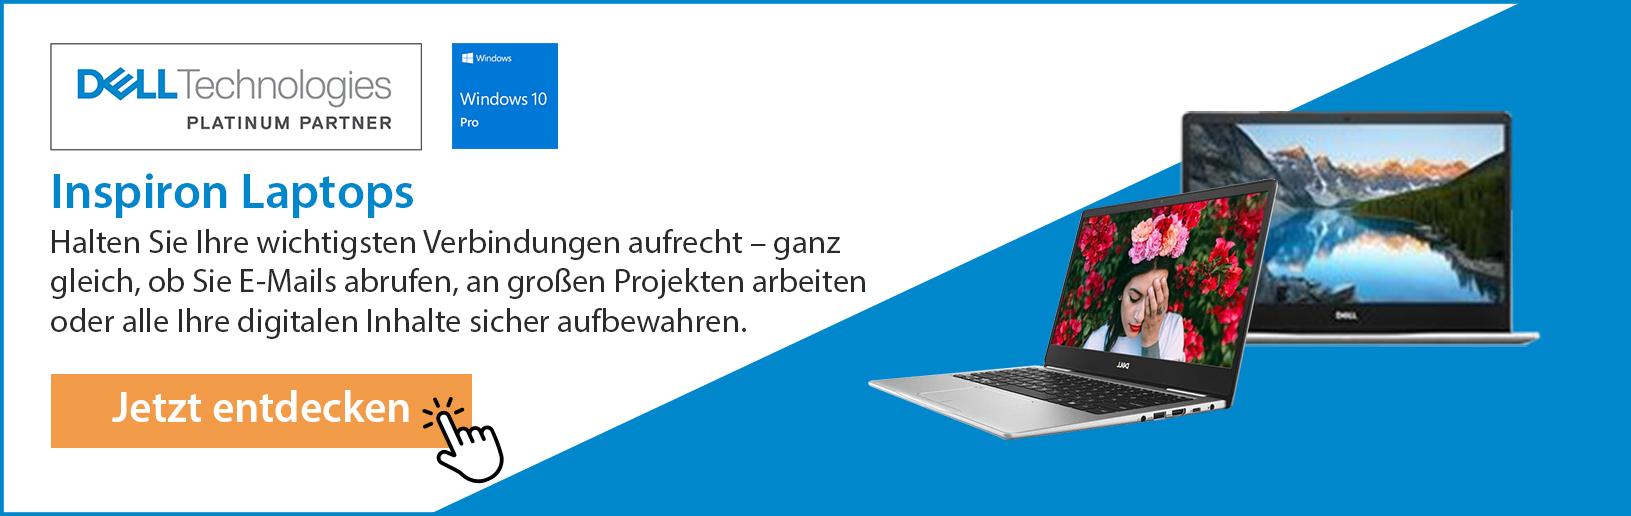 WF-2021-10-D&P-Projektoren-Dell